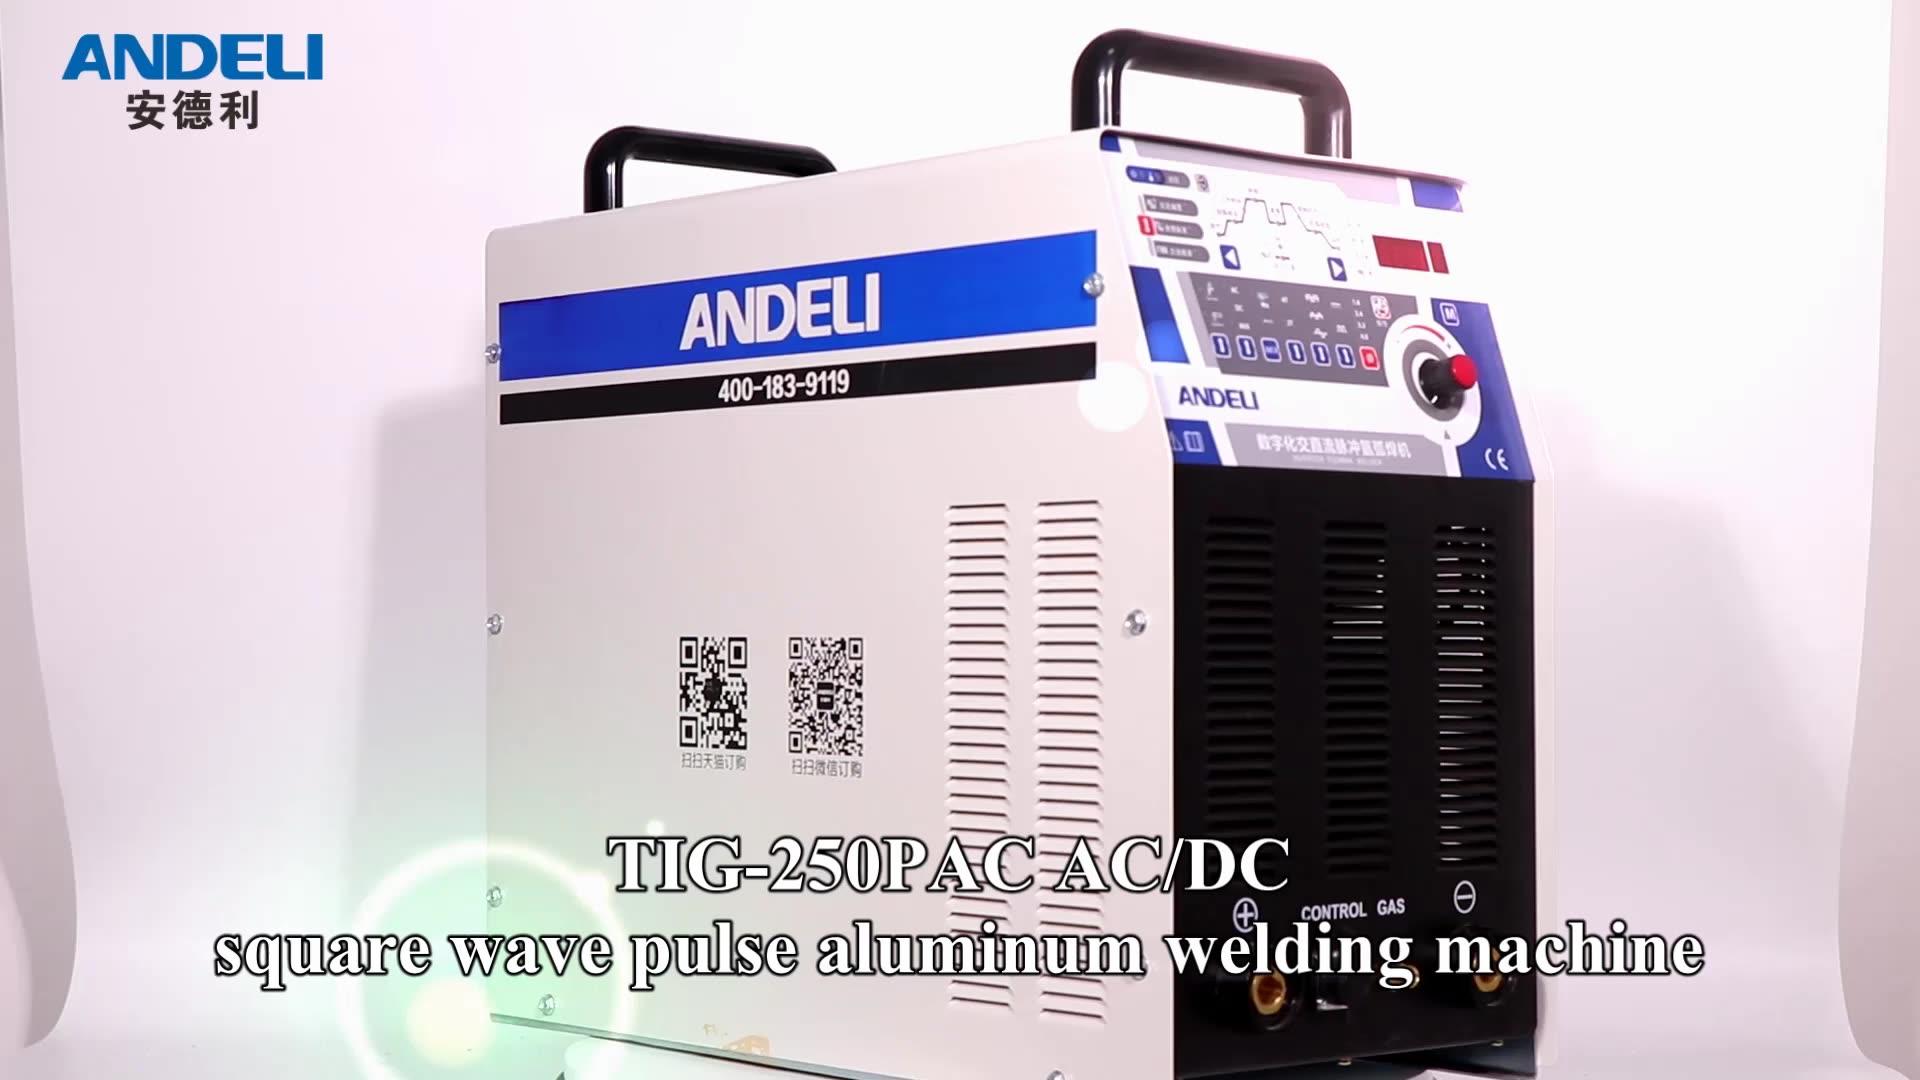 ANDELI invertör ac dc dijital kare dalga darbe tig TIG-250PAC tig alüminyum alüminyum alaşımlı tig kaynakçı